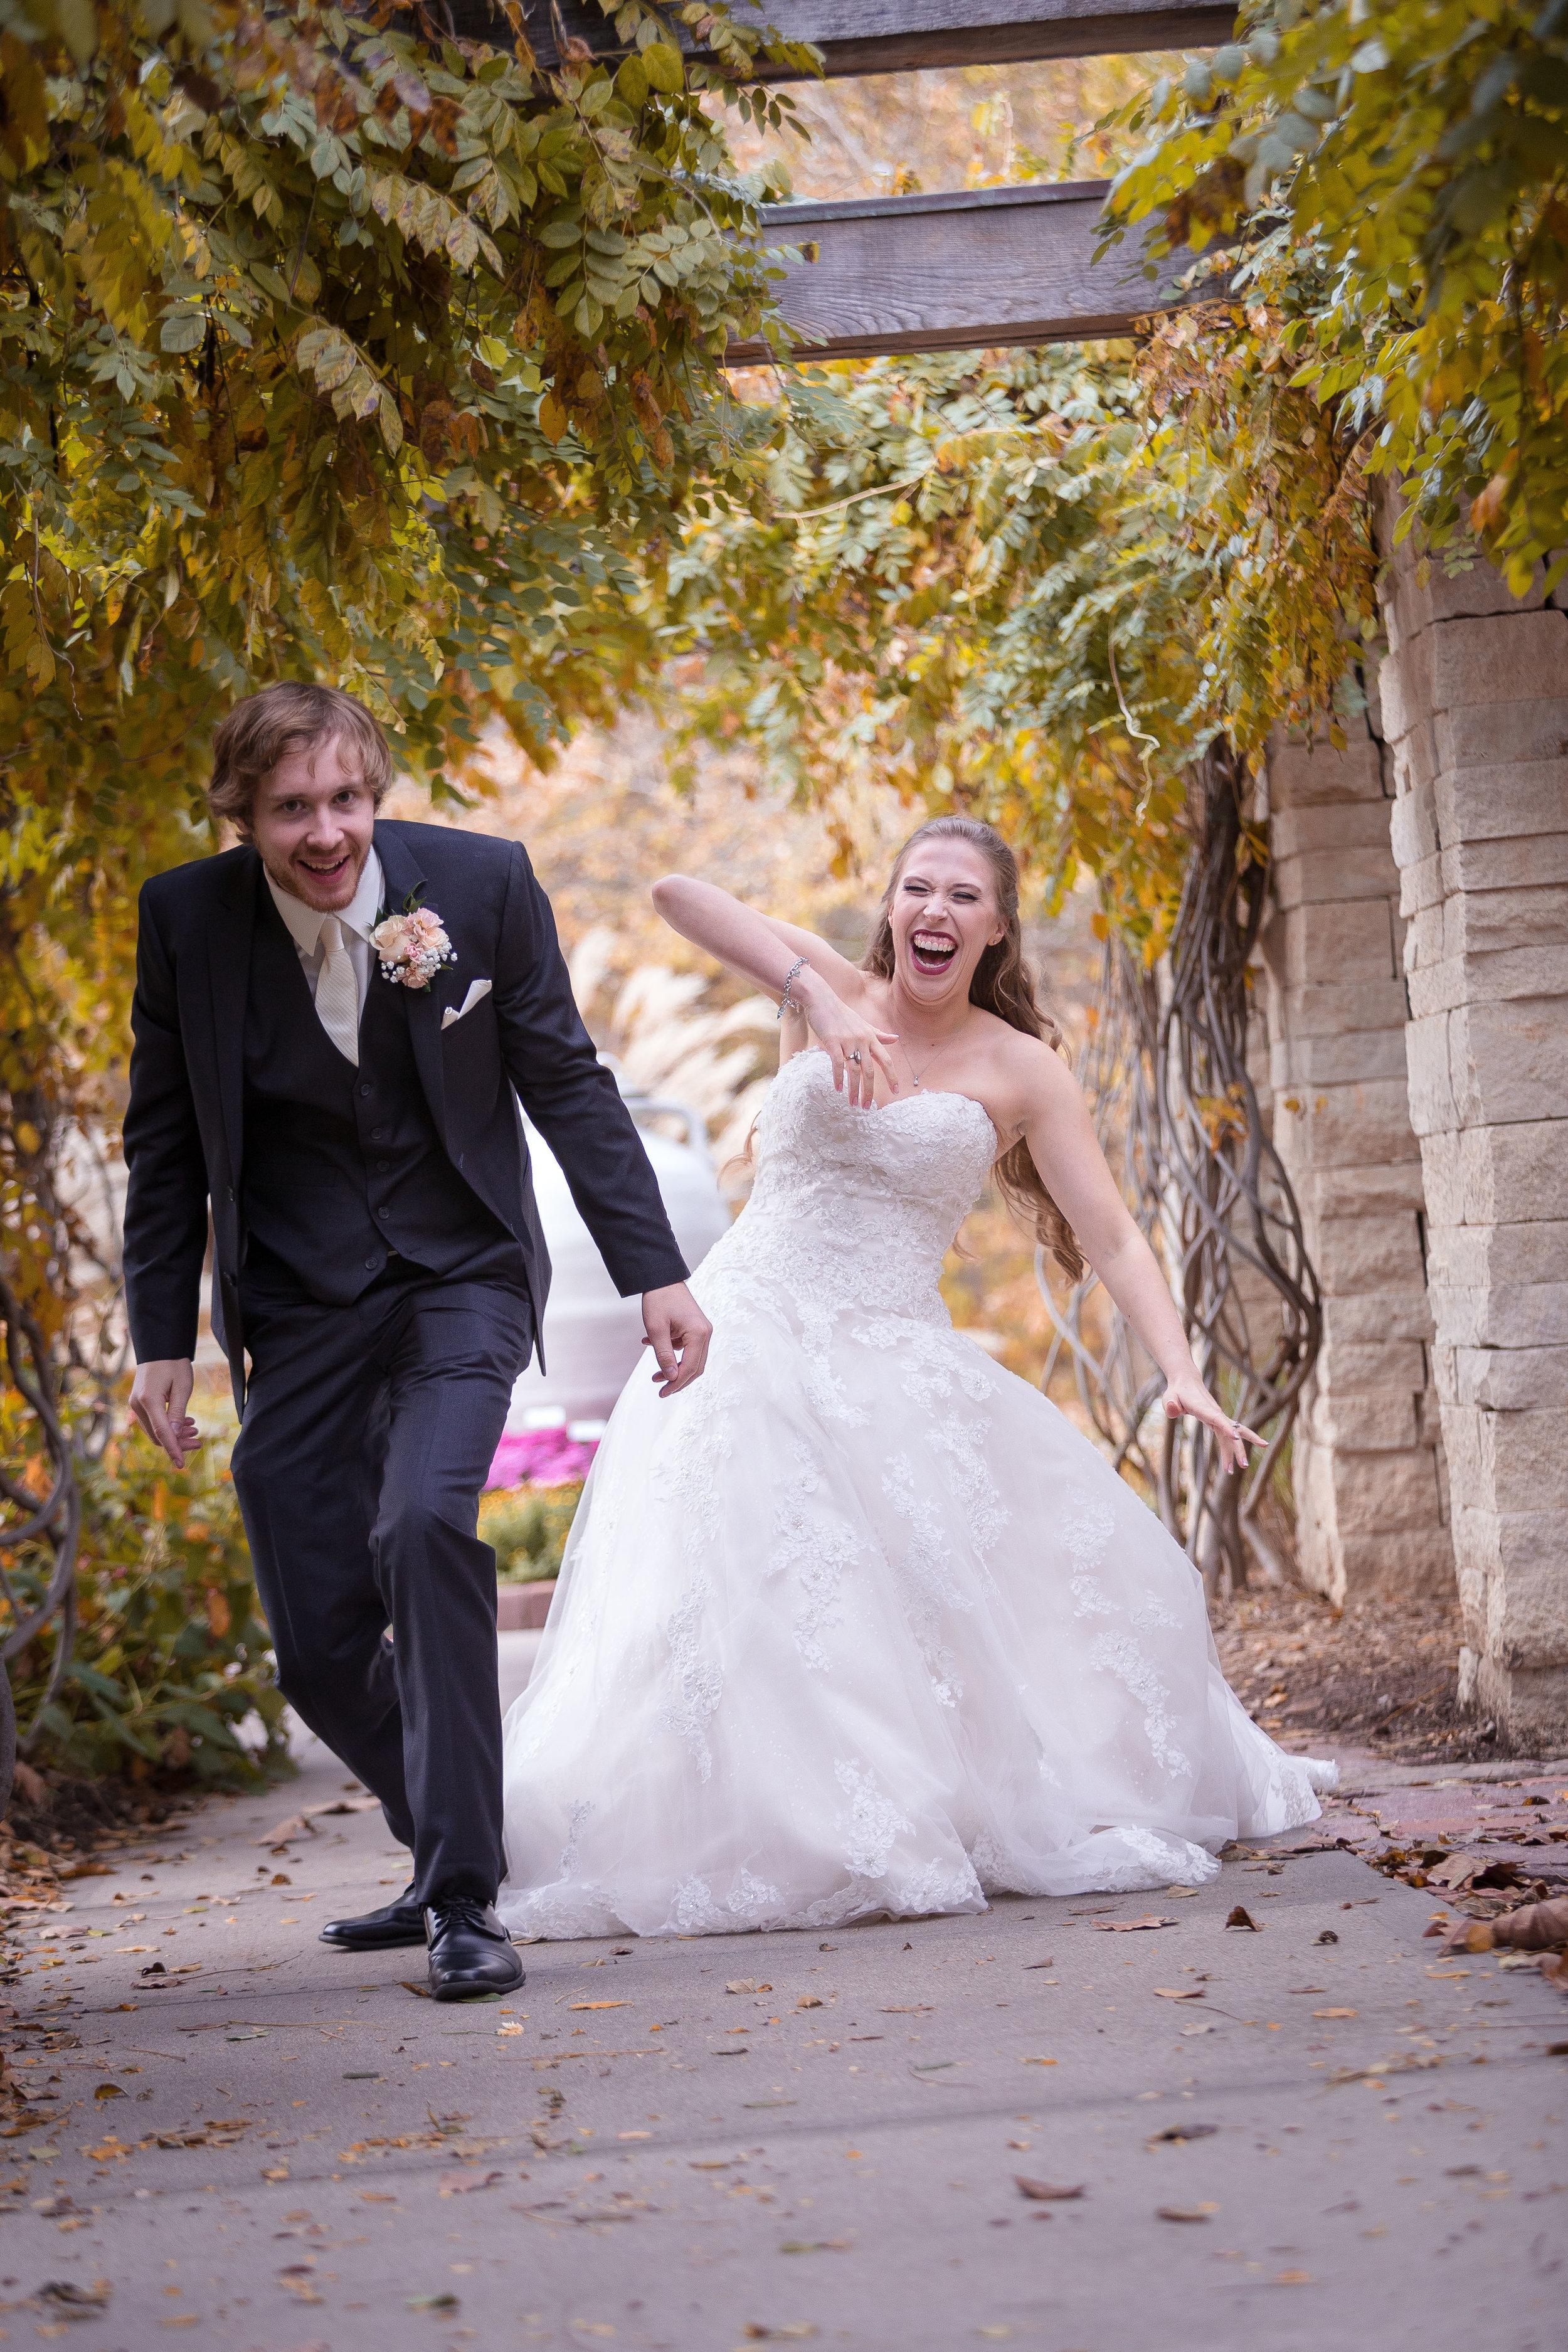 C_Wedding_Spellman, Megan & Tyler_10.27.18-843.JPG